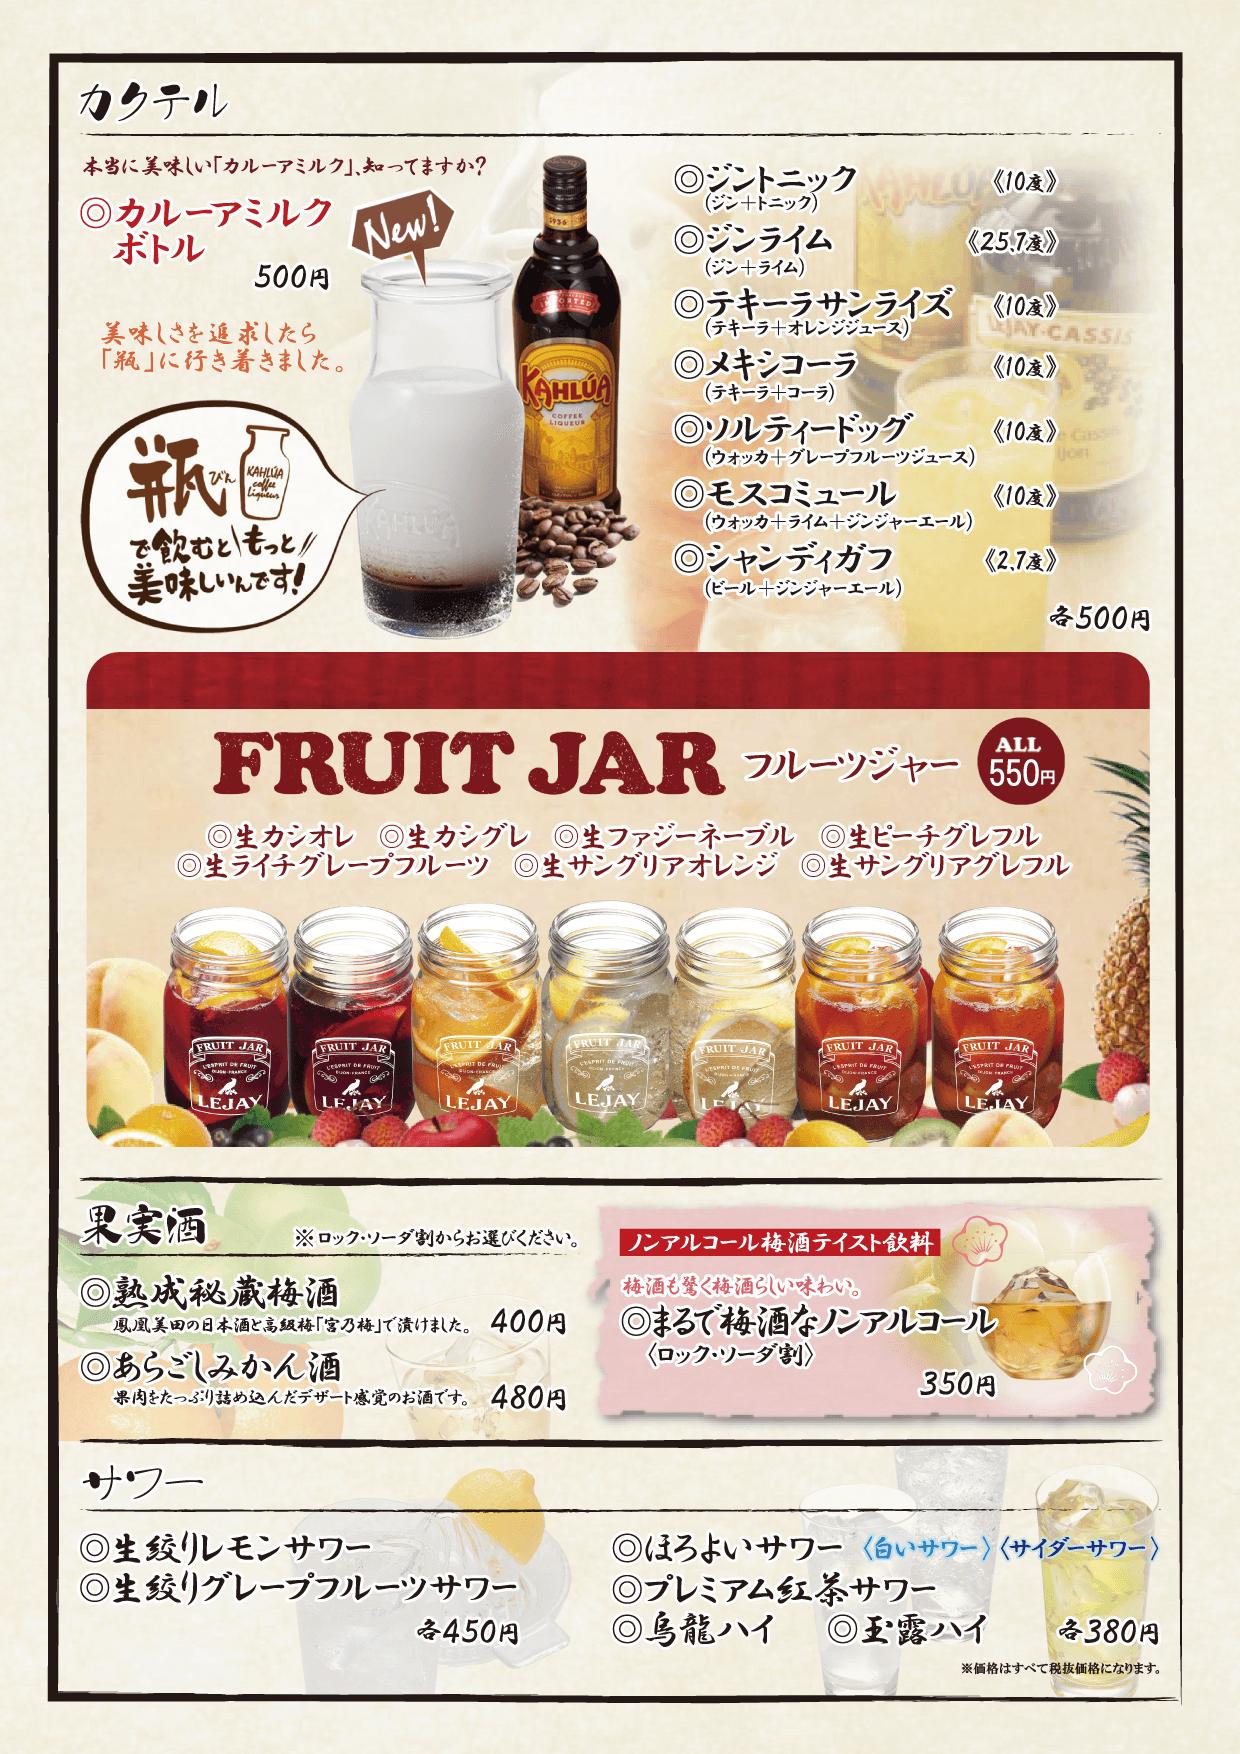 カクテル・果実酒・サワー